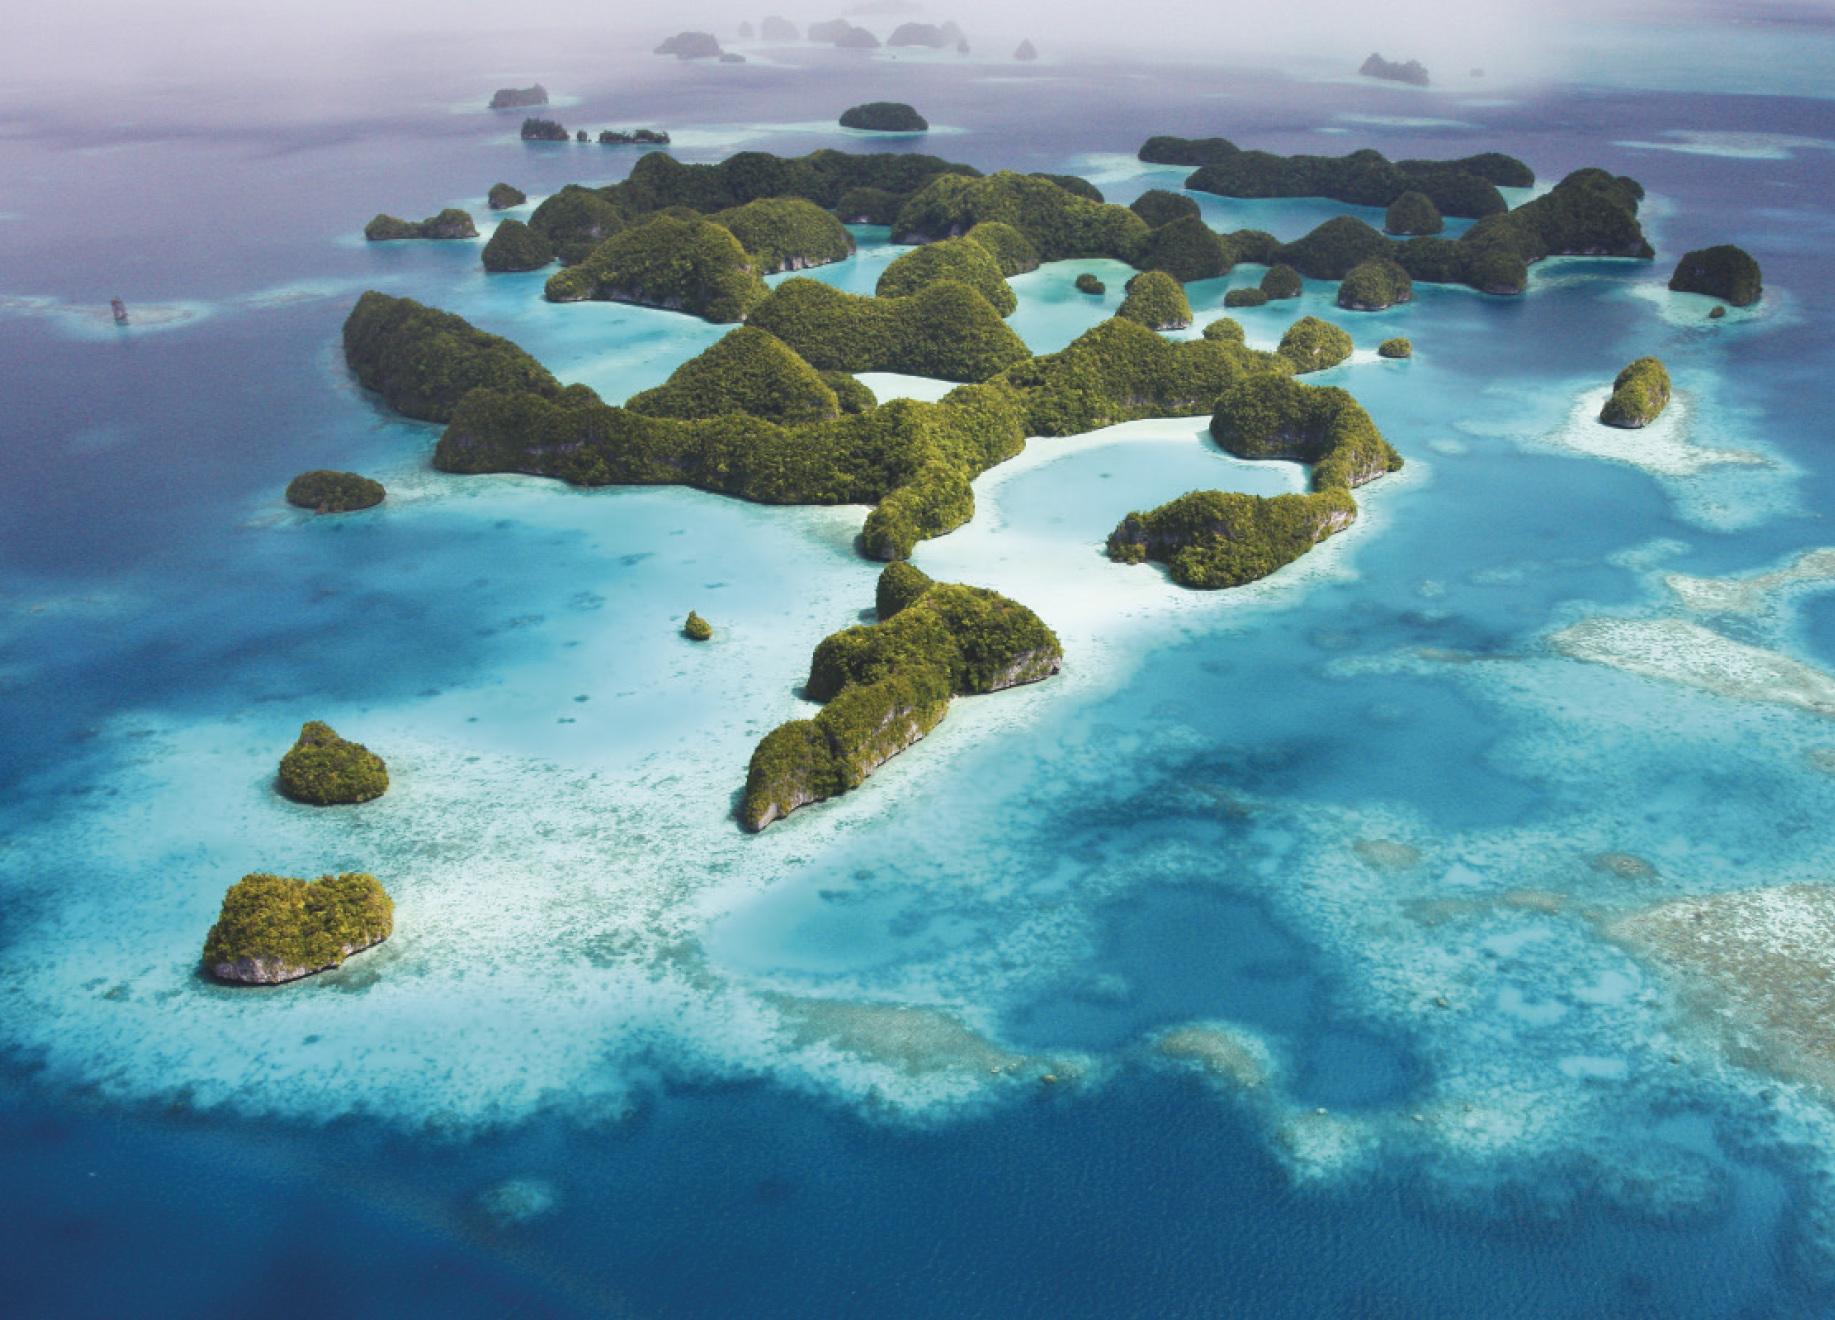 Palau Wendy Capili Wilkie & Sam's Tours Palau